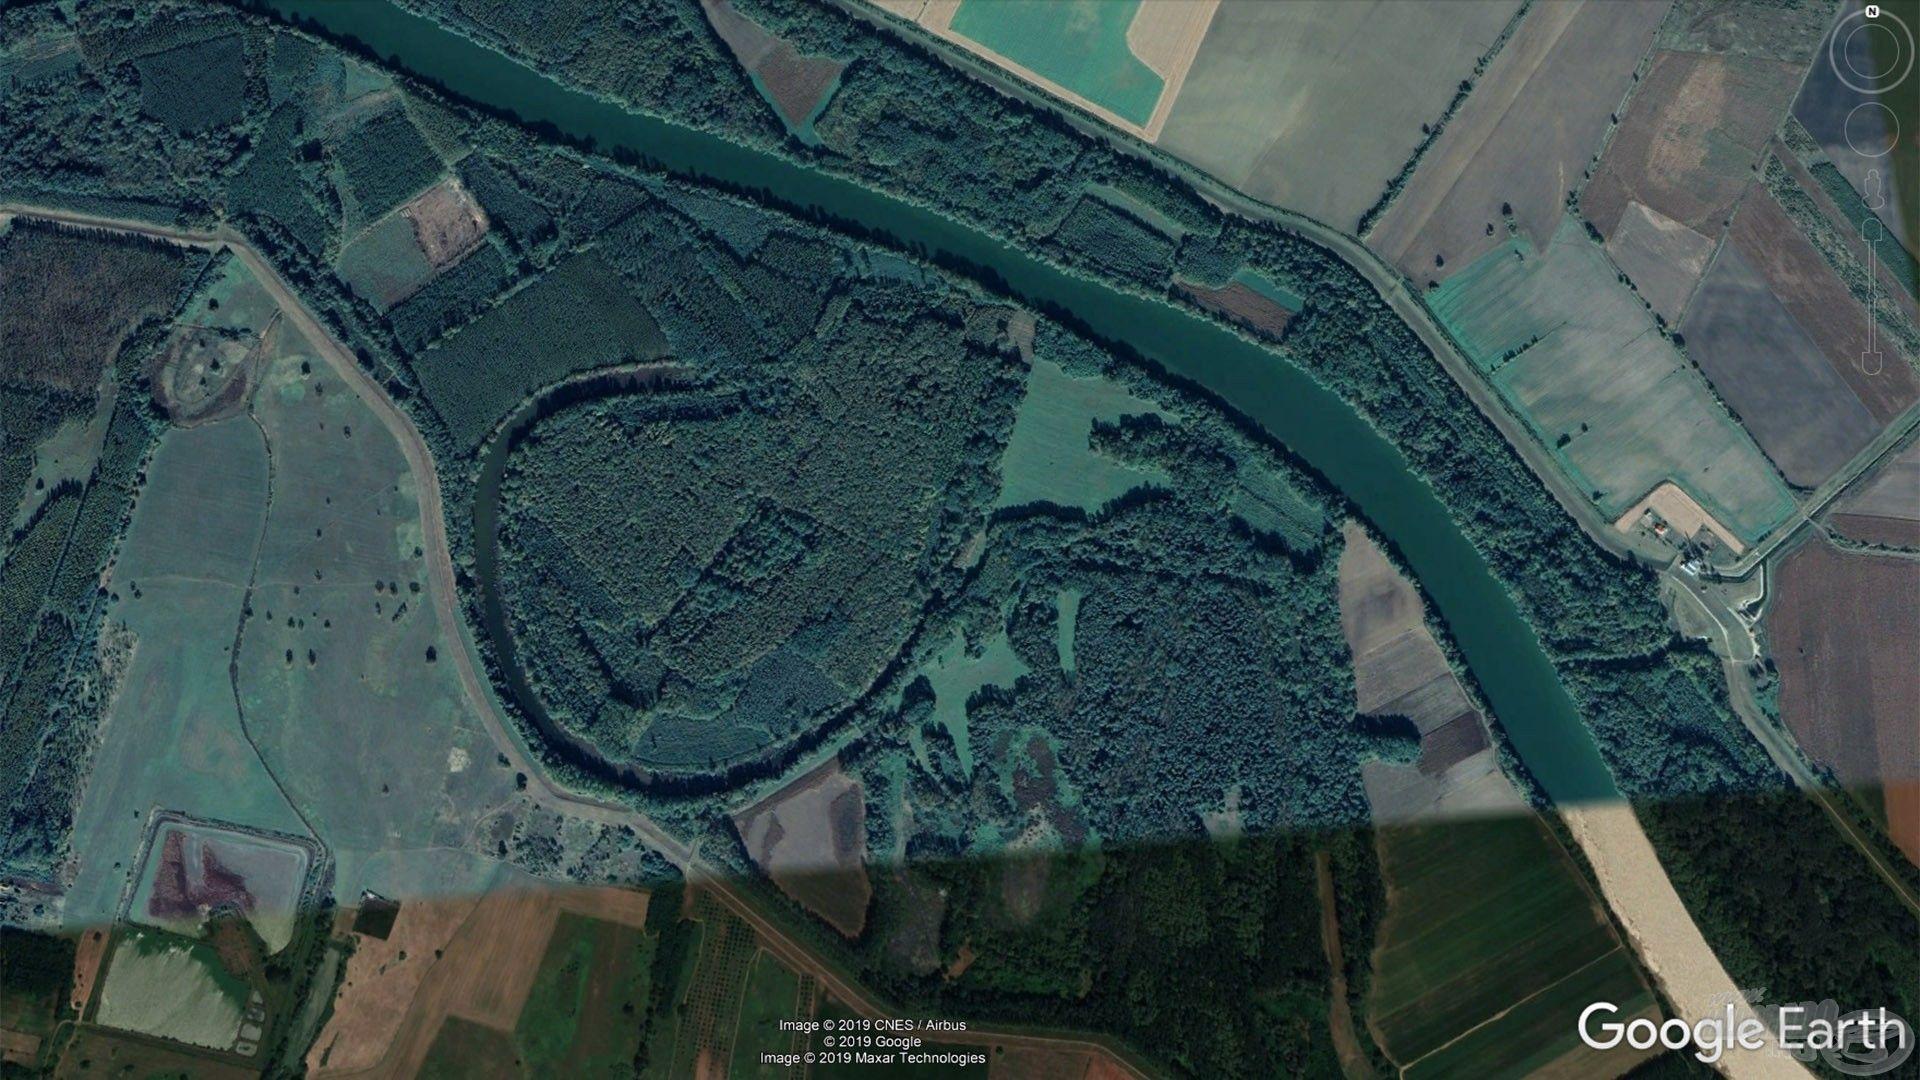 A patkó forma jellemző a régi Tisza-mederre, ami összevissza kanyargott, e kanyarokat vágták át a folyó szabályozásakor